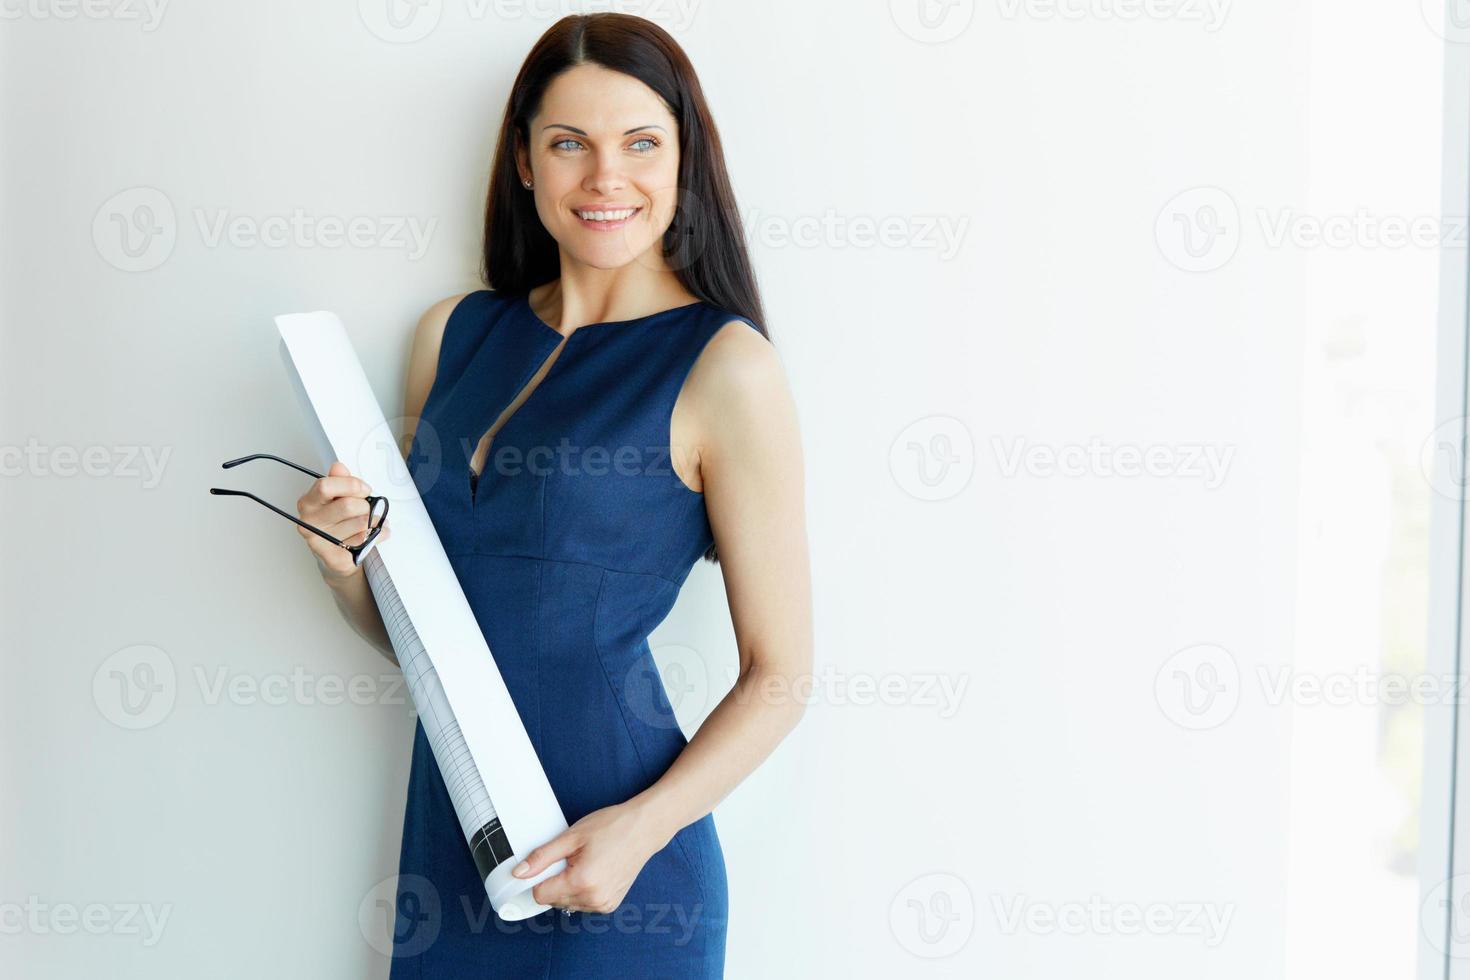 jeune femme architecte standind dans un bureau. hommes d'affaires photo